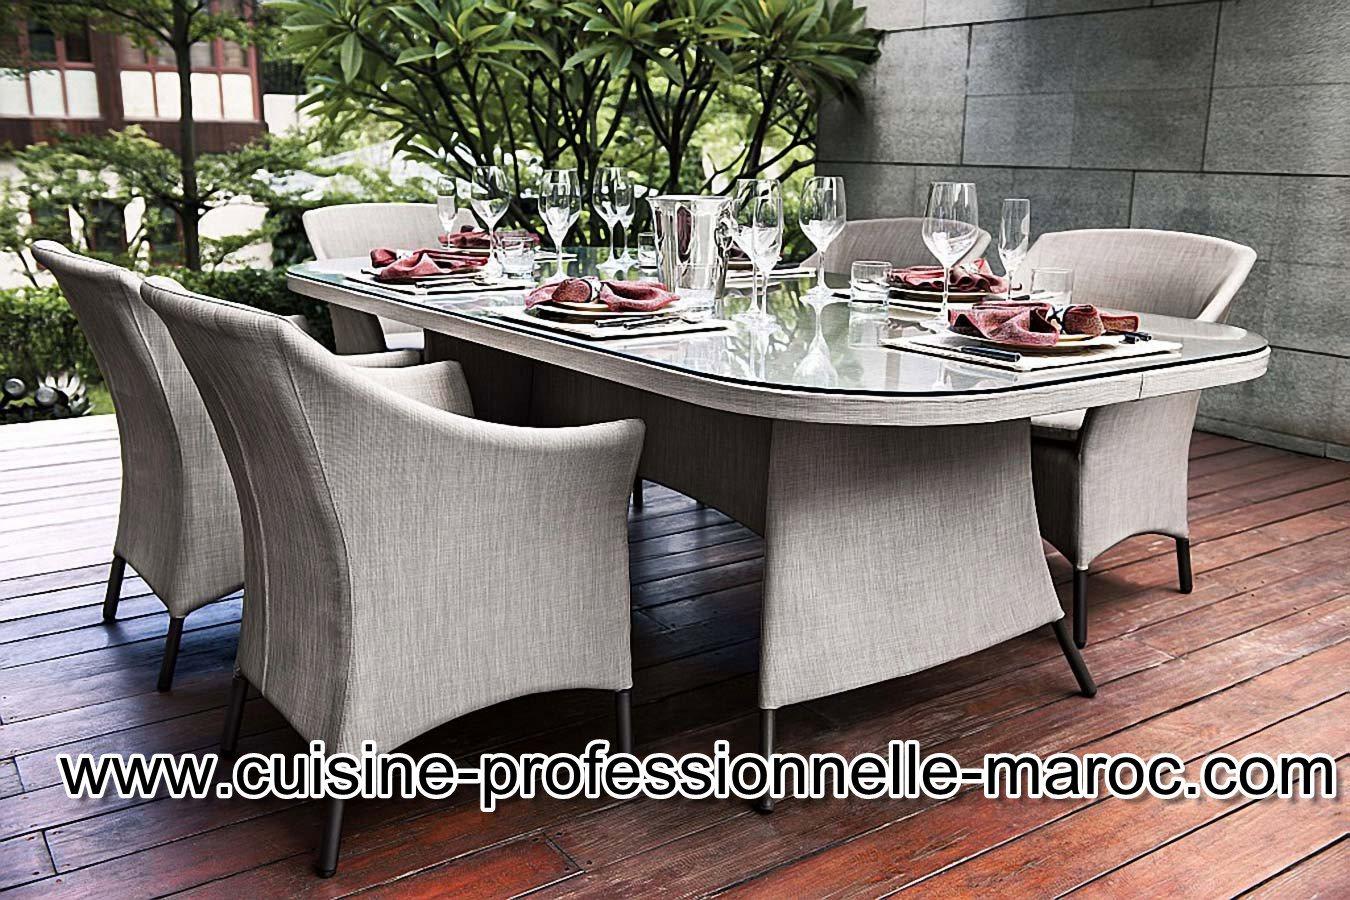 Equipement caf restaurants ou h tel au maroc les for Equipement pour cuisine professionnelle